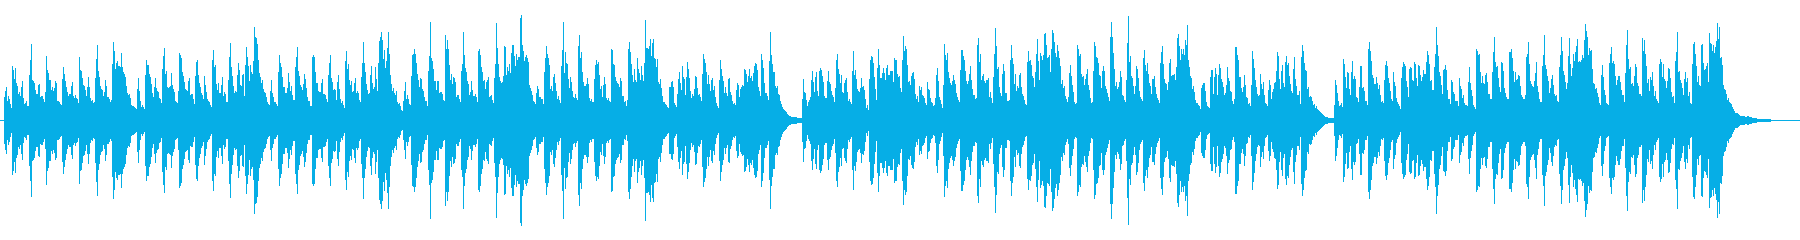 現代的 交響曲 ドラマチック お笑...の再生済みの波形